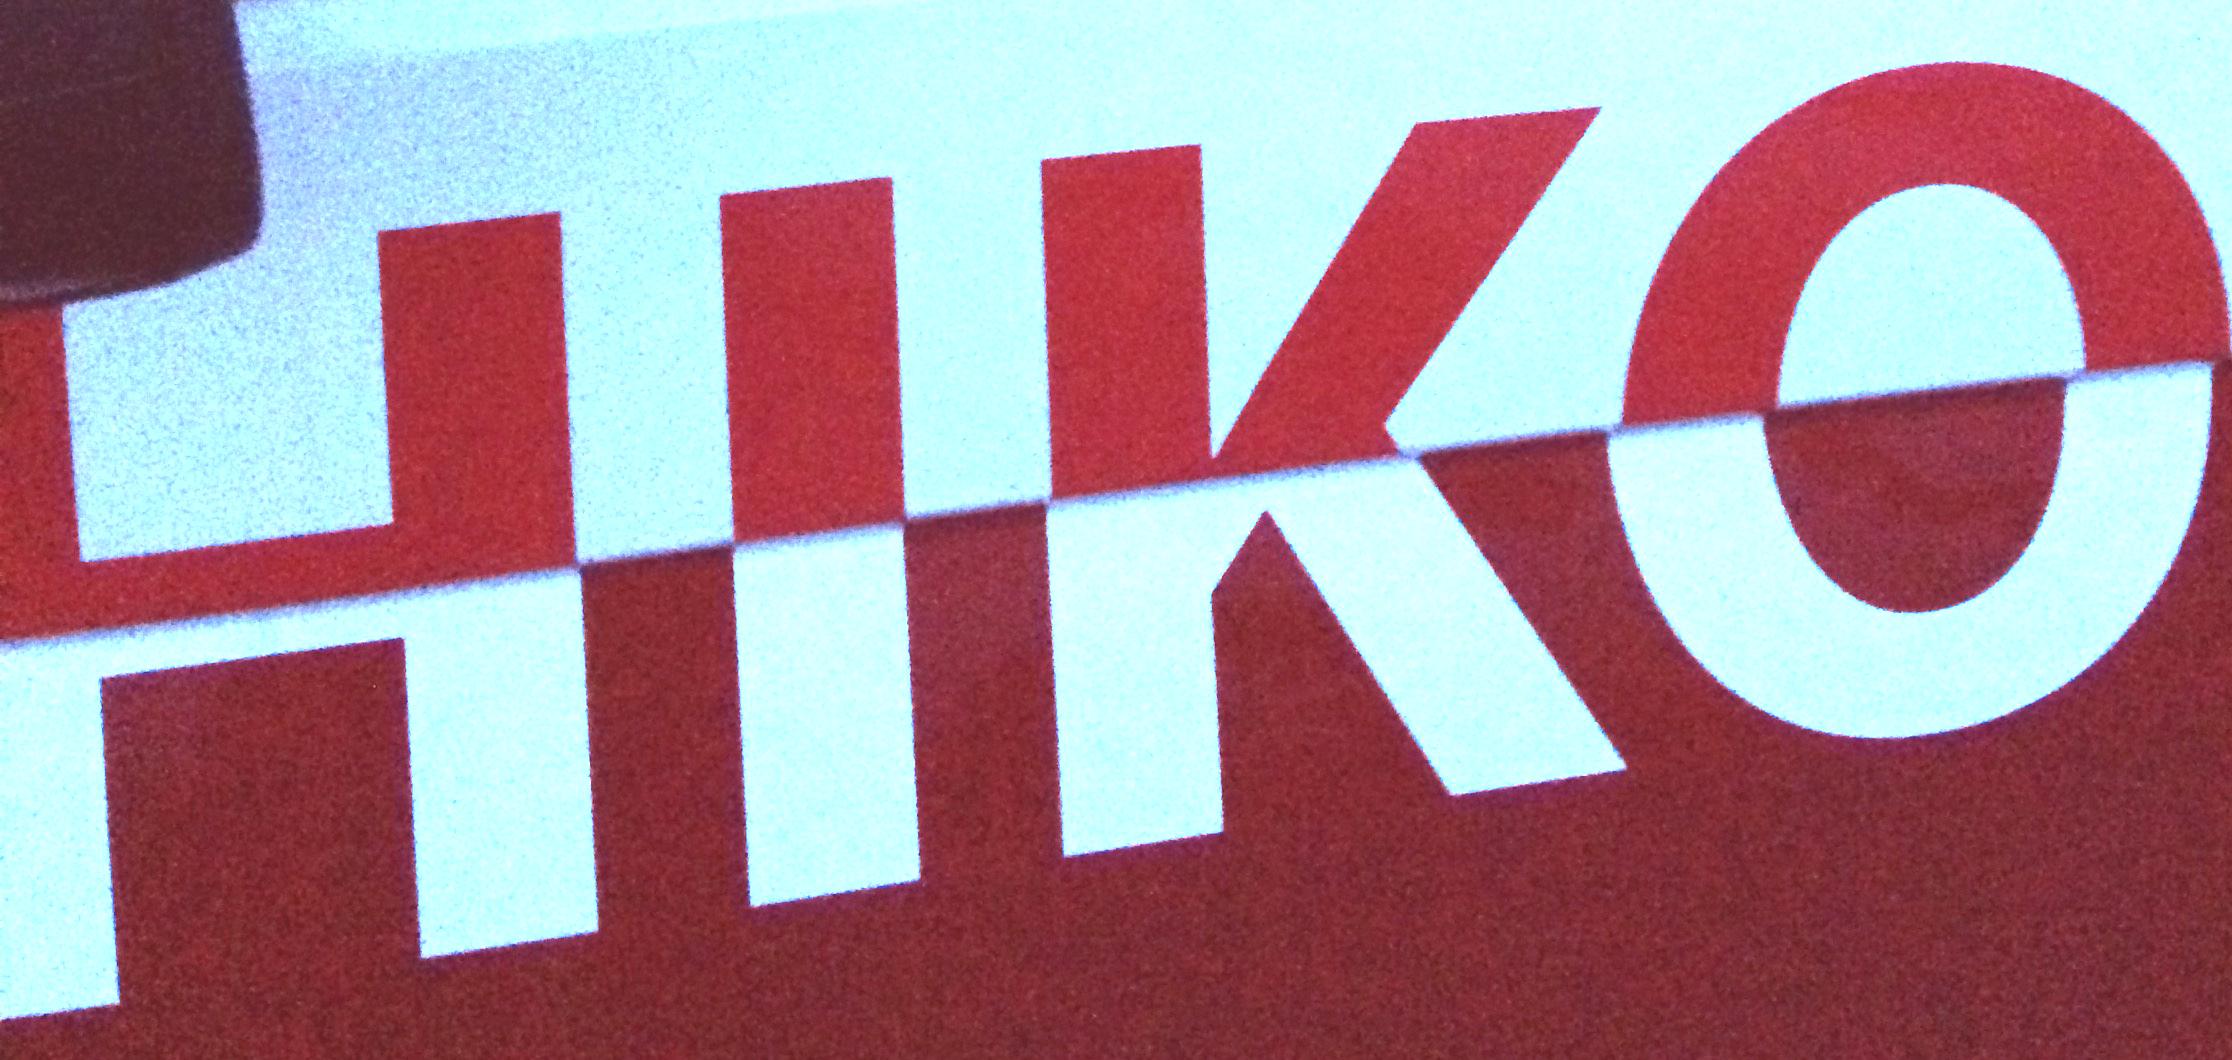 logo_hiko.jpg